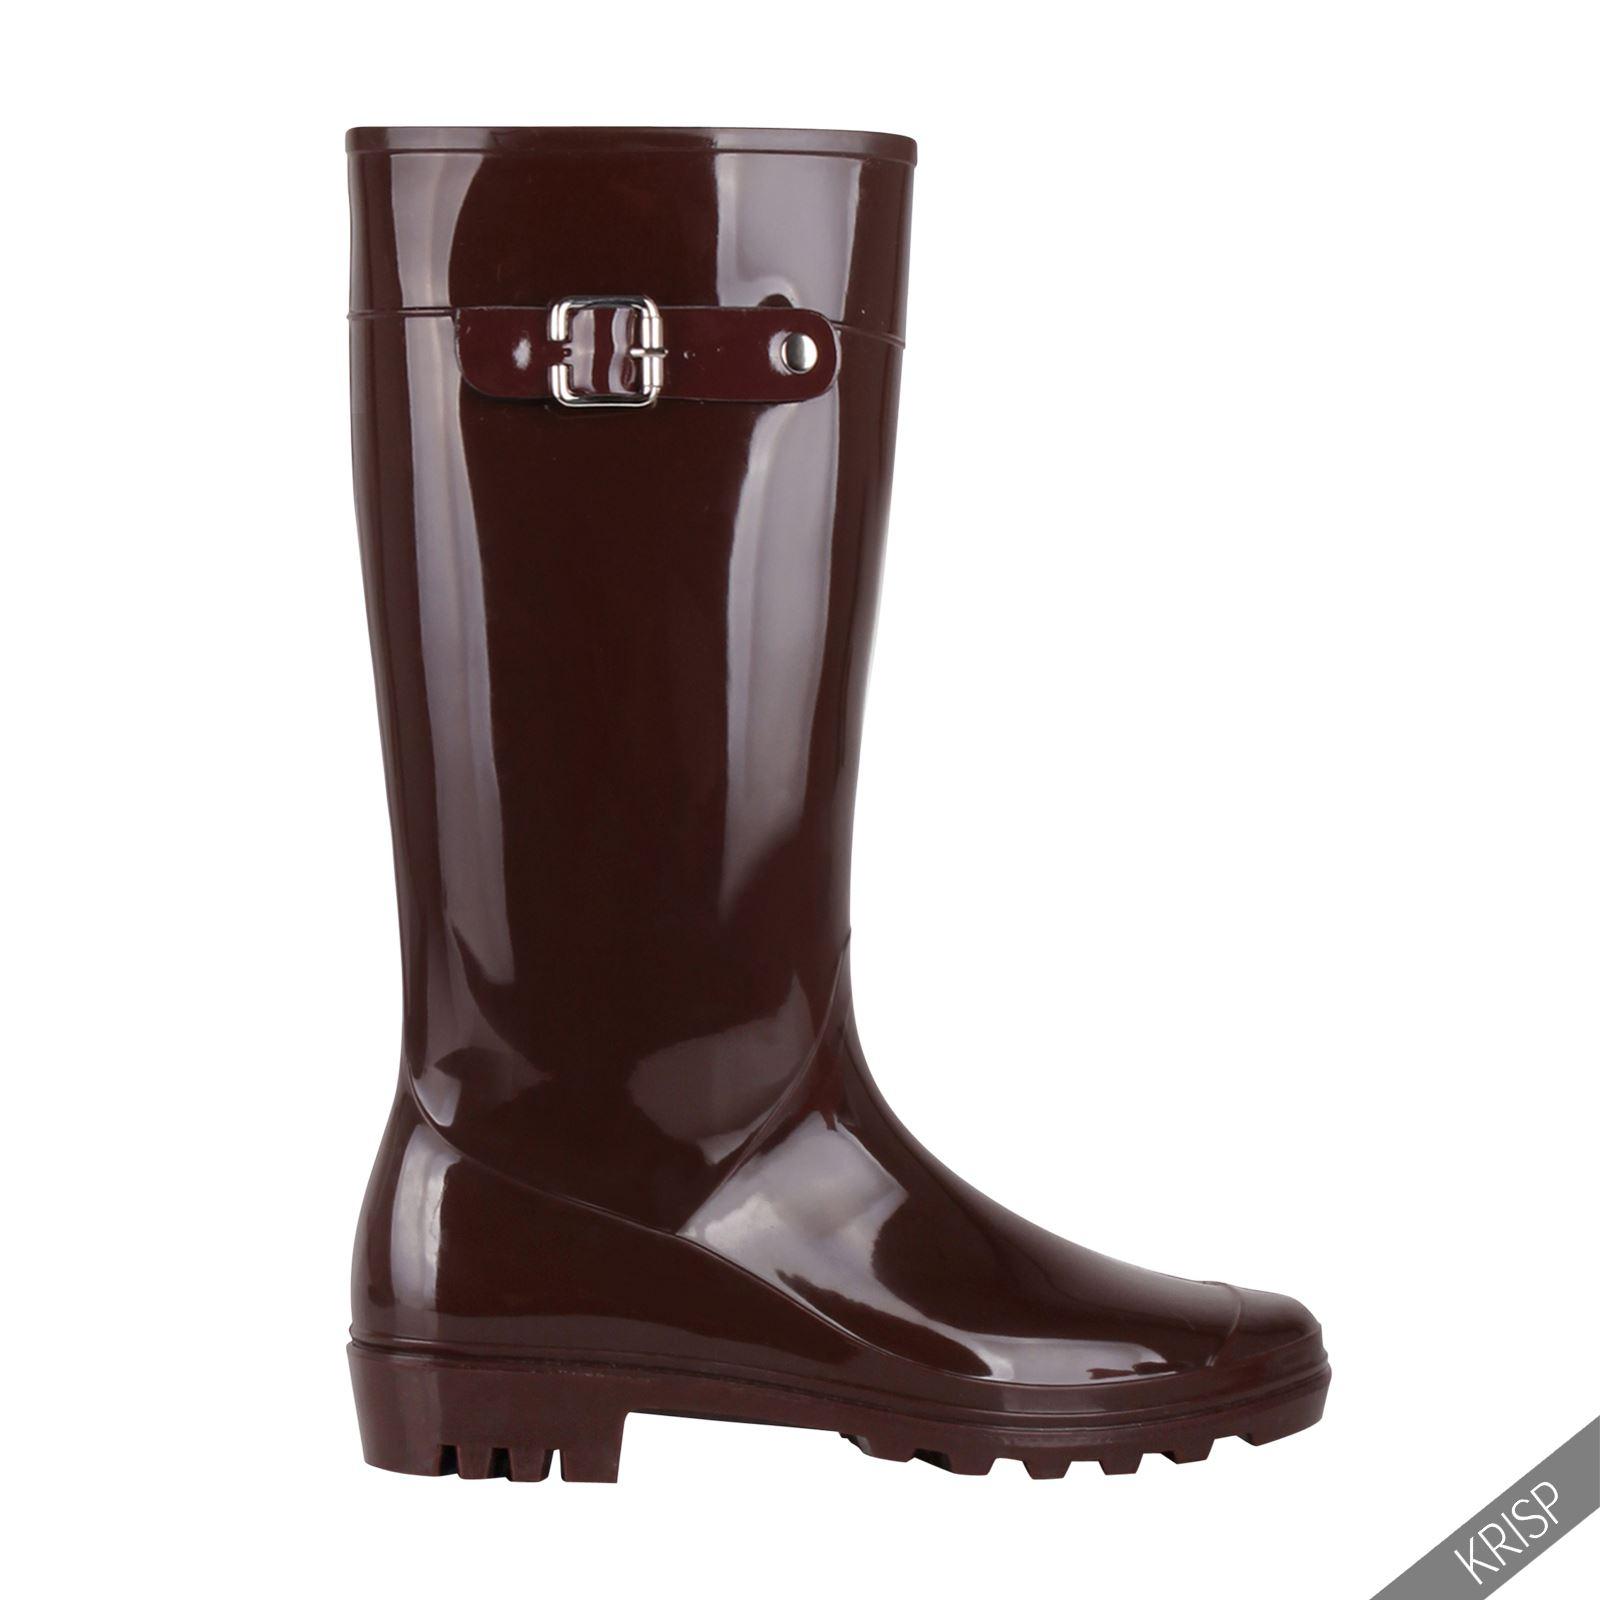 Botas-Agua-Mujer-Barata-Original-Botines-Moda-Comodas-Calzado-Elastico-Juveniles miniatura 22